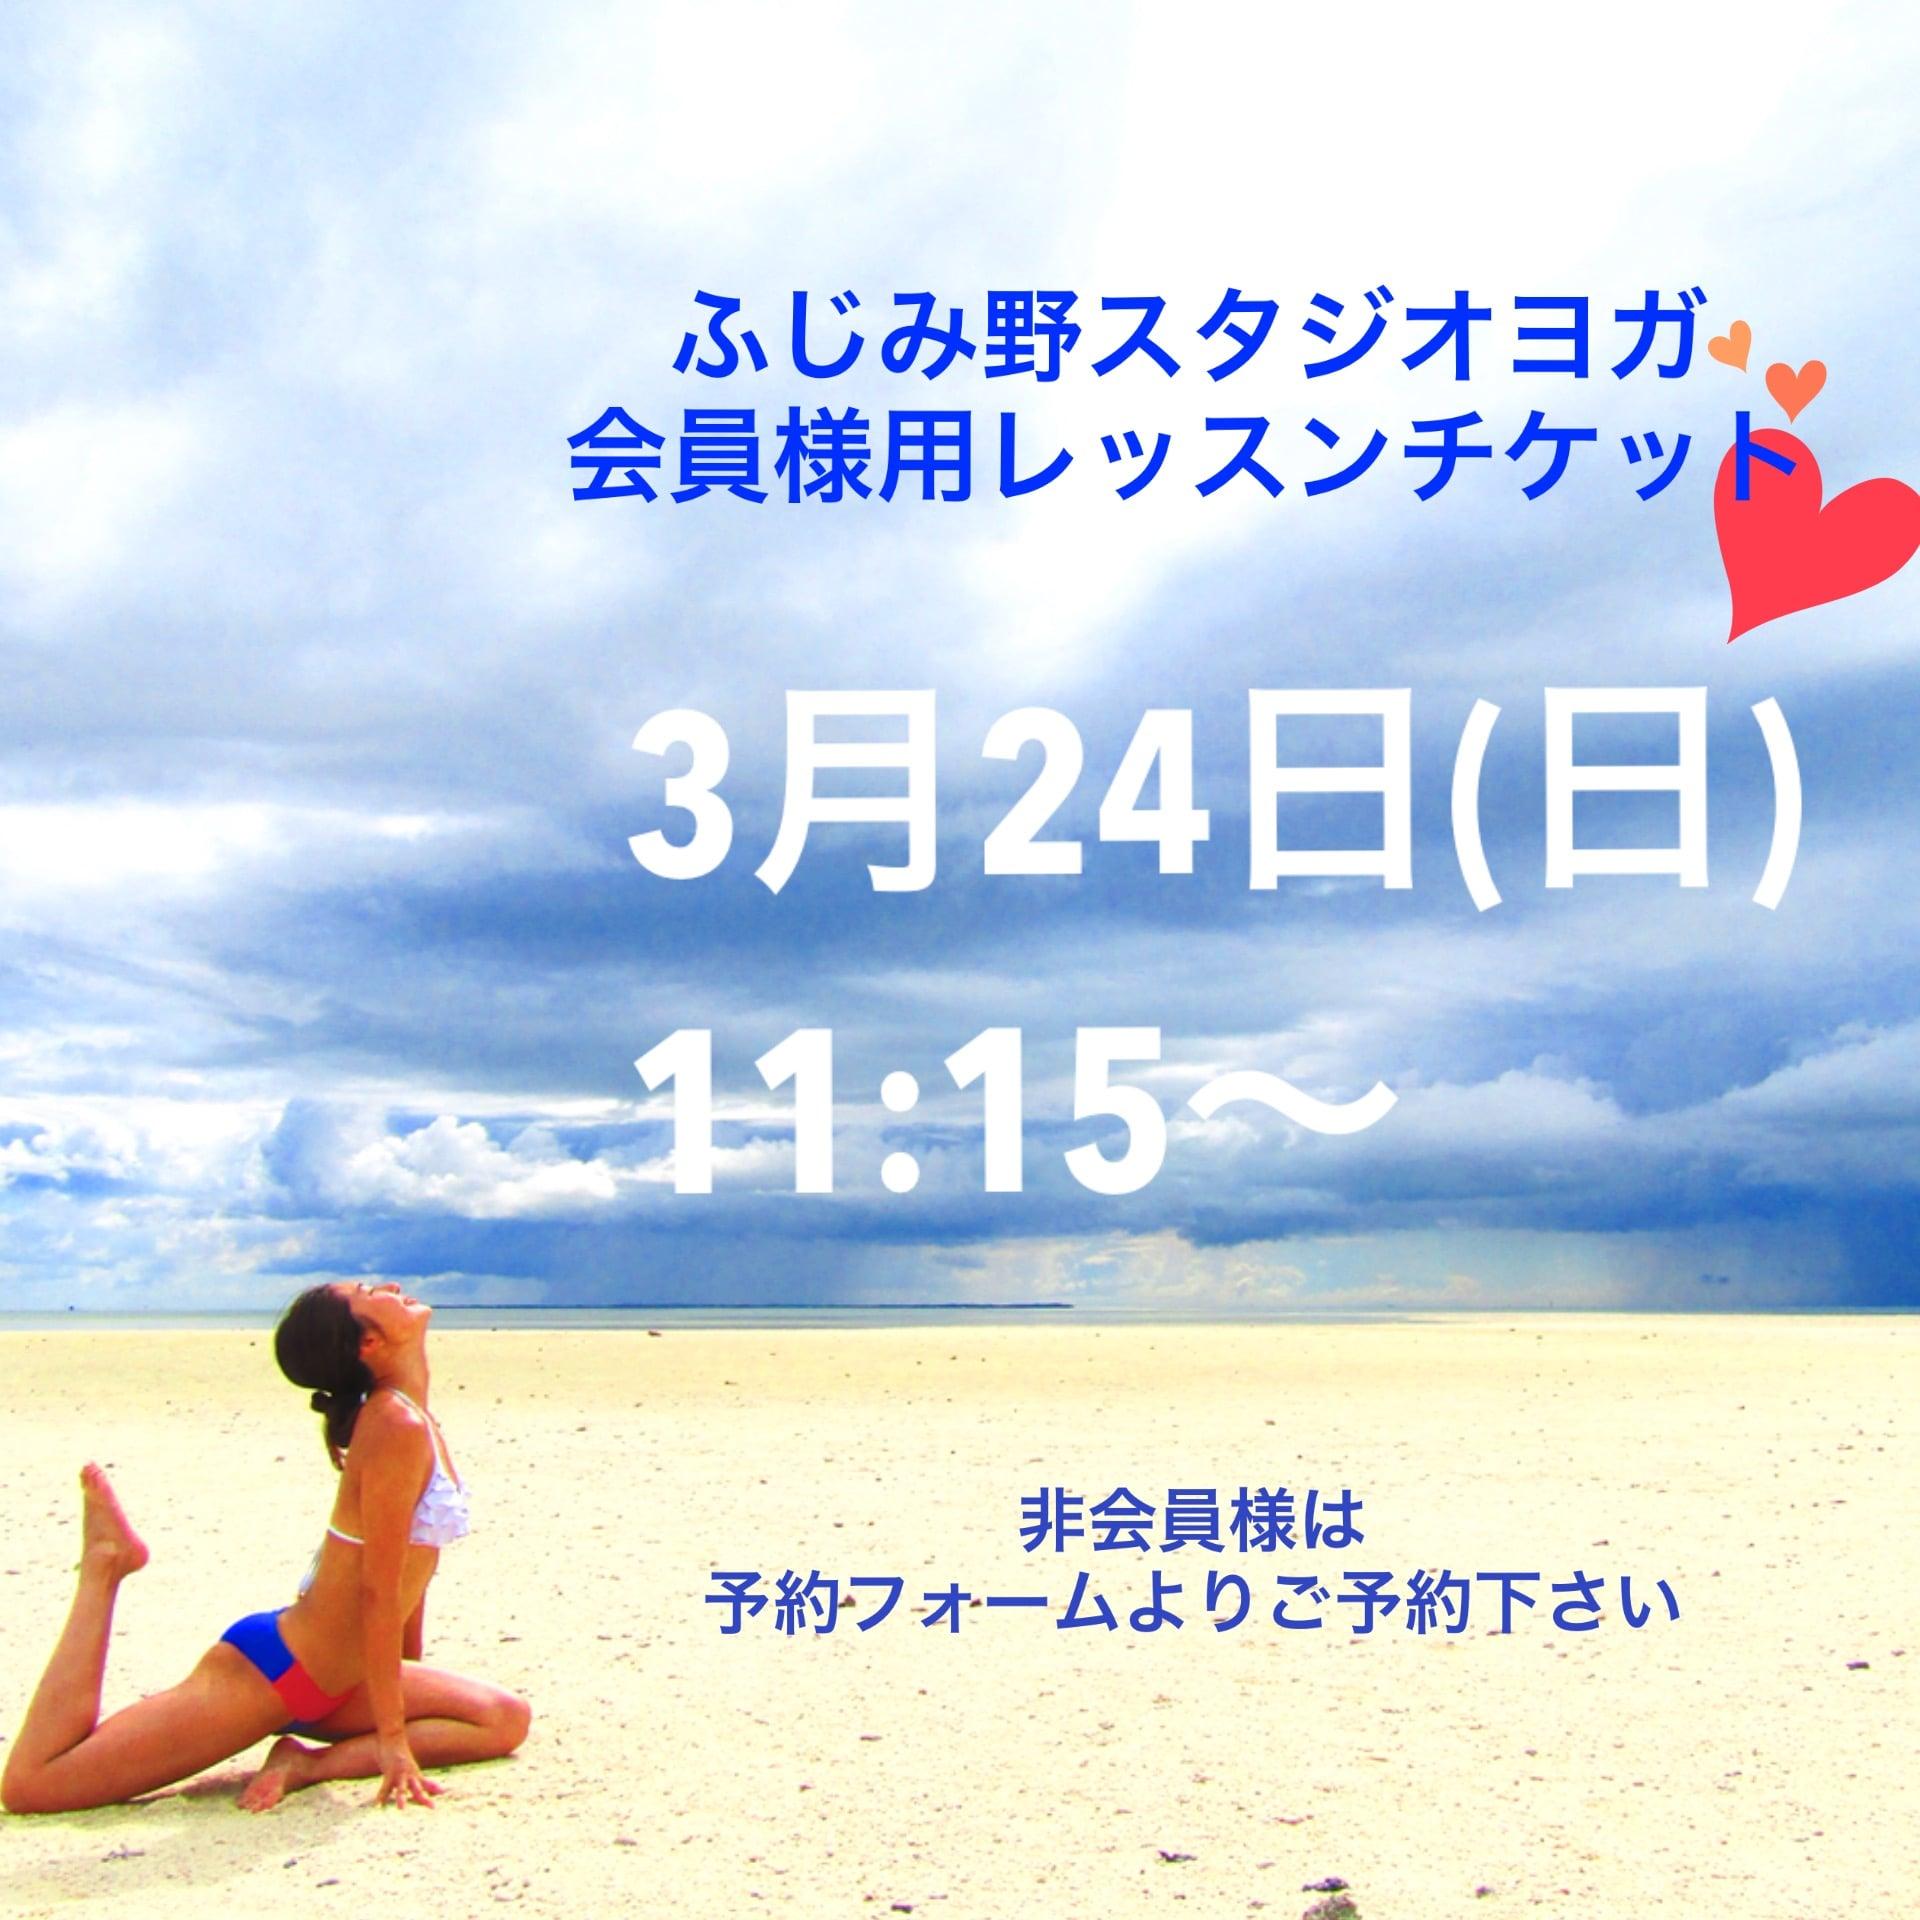 【会員様】3月24日(日)エッセンシャルヨガ・スタジオレッスンのイメージその1